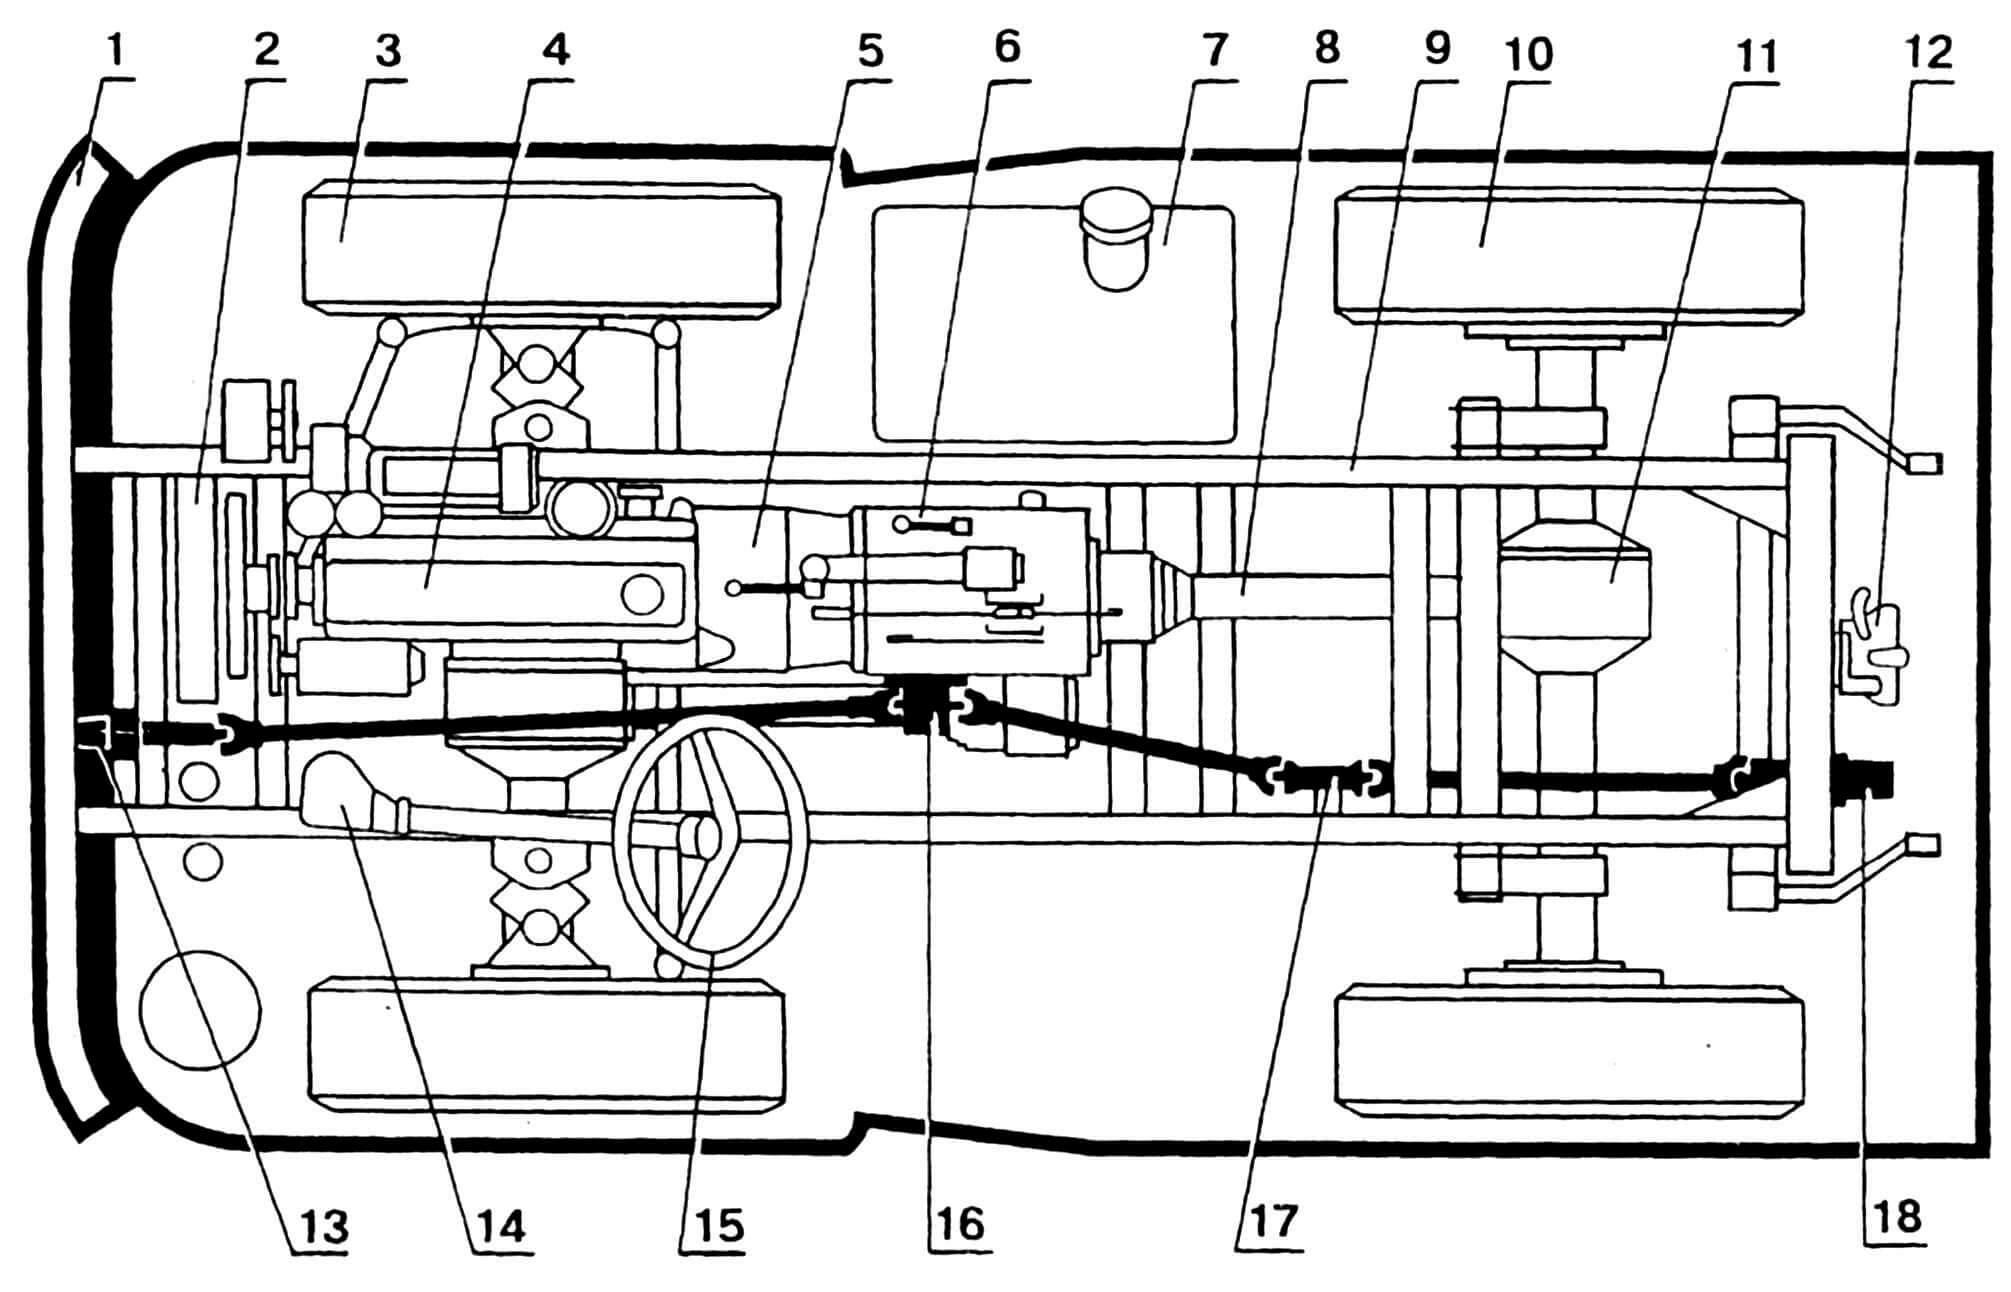 Компоновка автомобиля: 1 — бампер, 2 — радиатор, 3 — колесо переднее, 4 — двигатель, 5 — сцепление, 6 — коробка передач, 7 — бак топливный, 8 — вал карданный, 9 — рама, 10 — колесо заднее, 11 — мост задний, 12 — устройство прицепное, 13 — вал отбора мощности передний, 14 — механизм рулевой, 15 — колесо рулевое, 16 — вал отбора мощности дополнительный, 17 — вал отбора мощности промежуточный, 18 — вал отбора мощности задний.